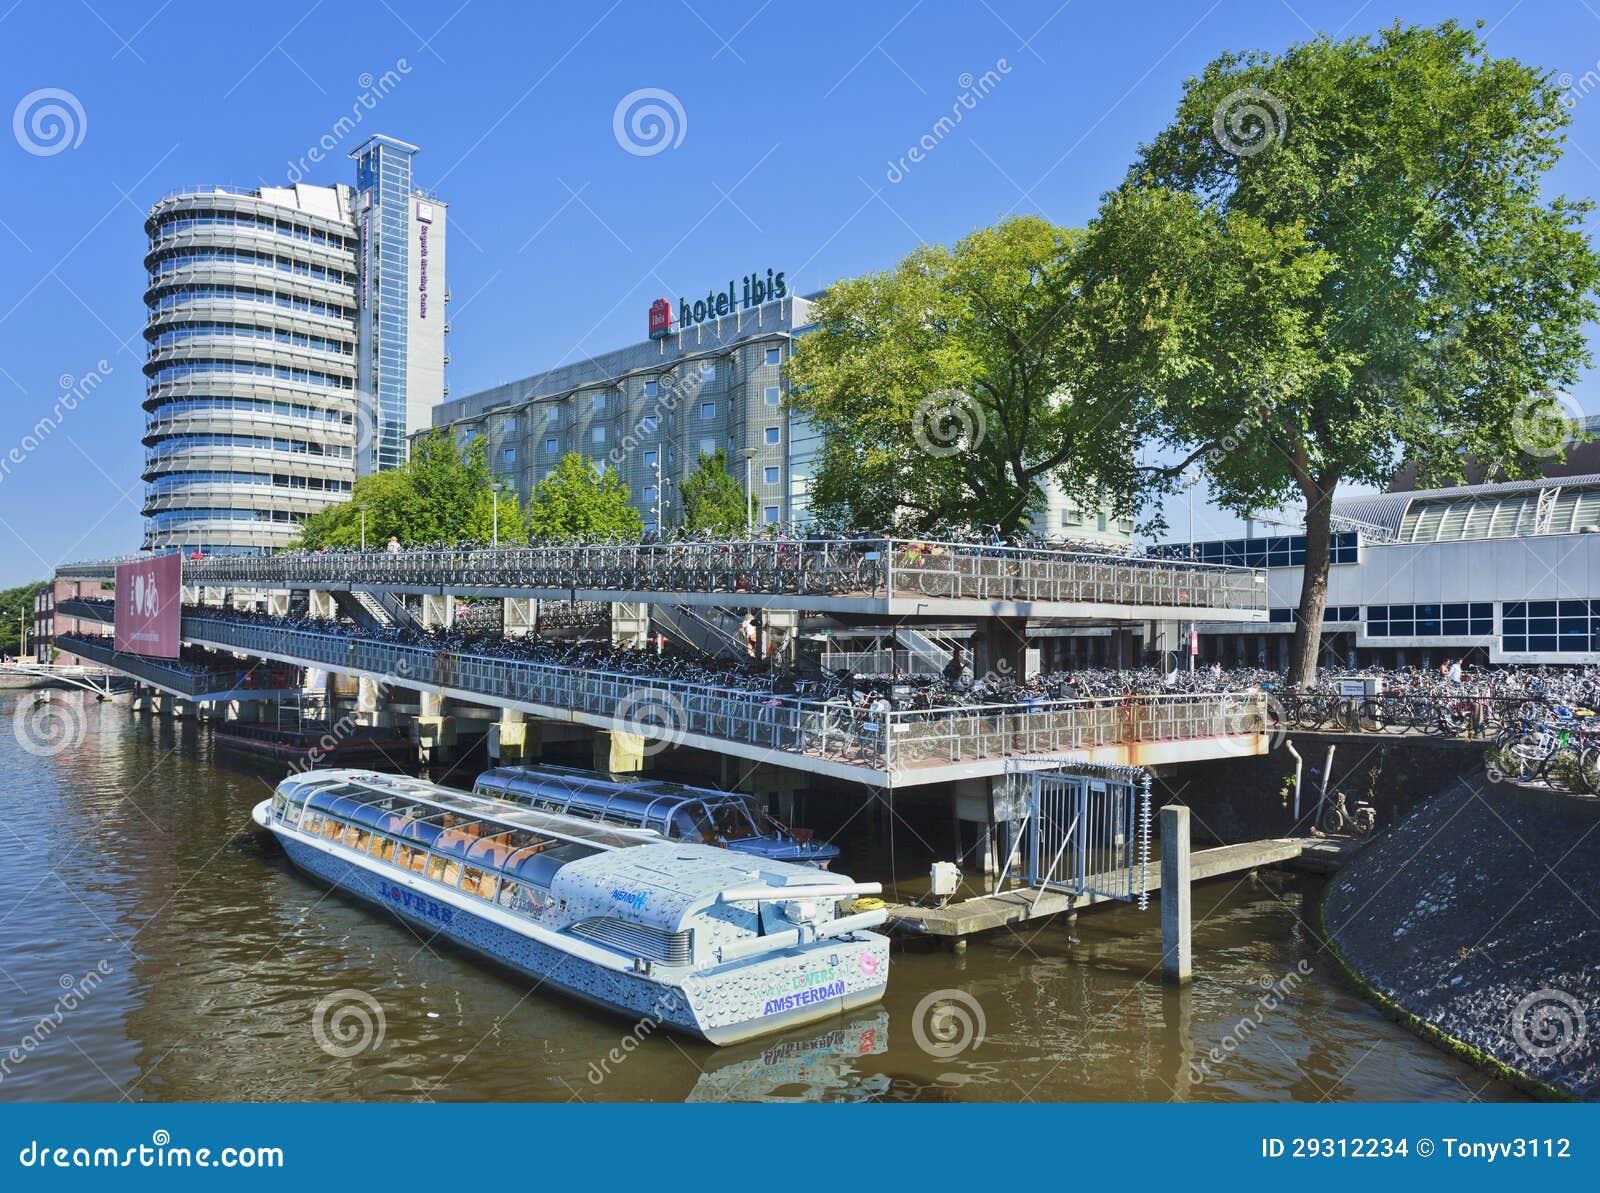 Fahren Sie Parken und ein festgemachtes Ausflugboot in Amsterdam rad.